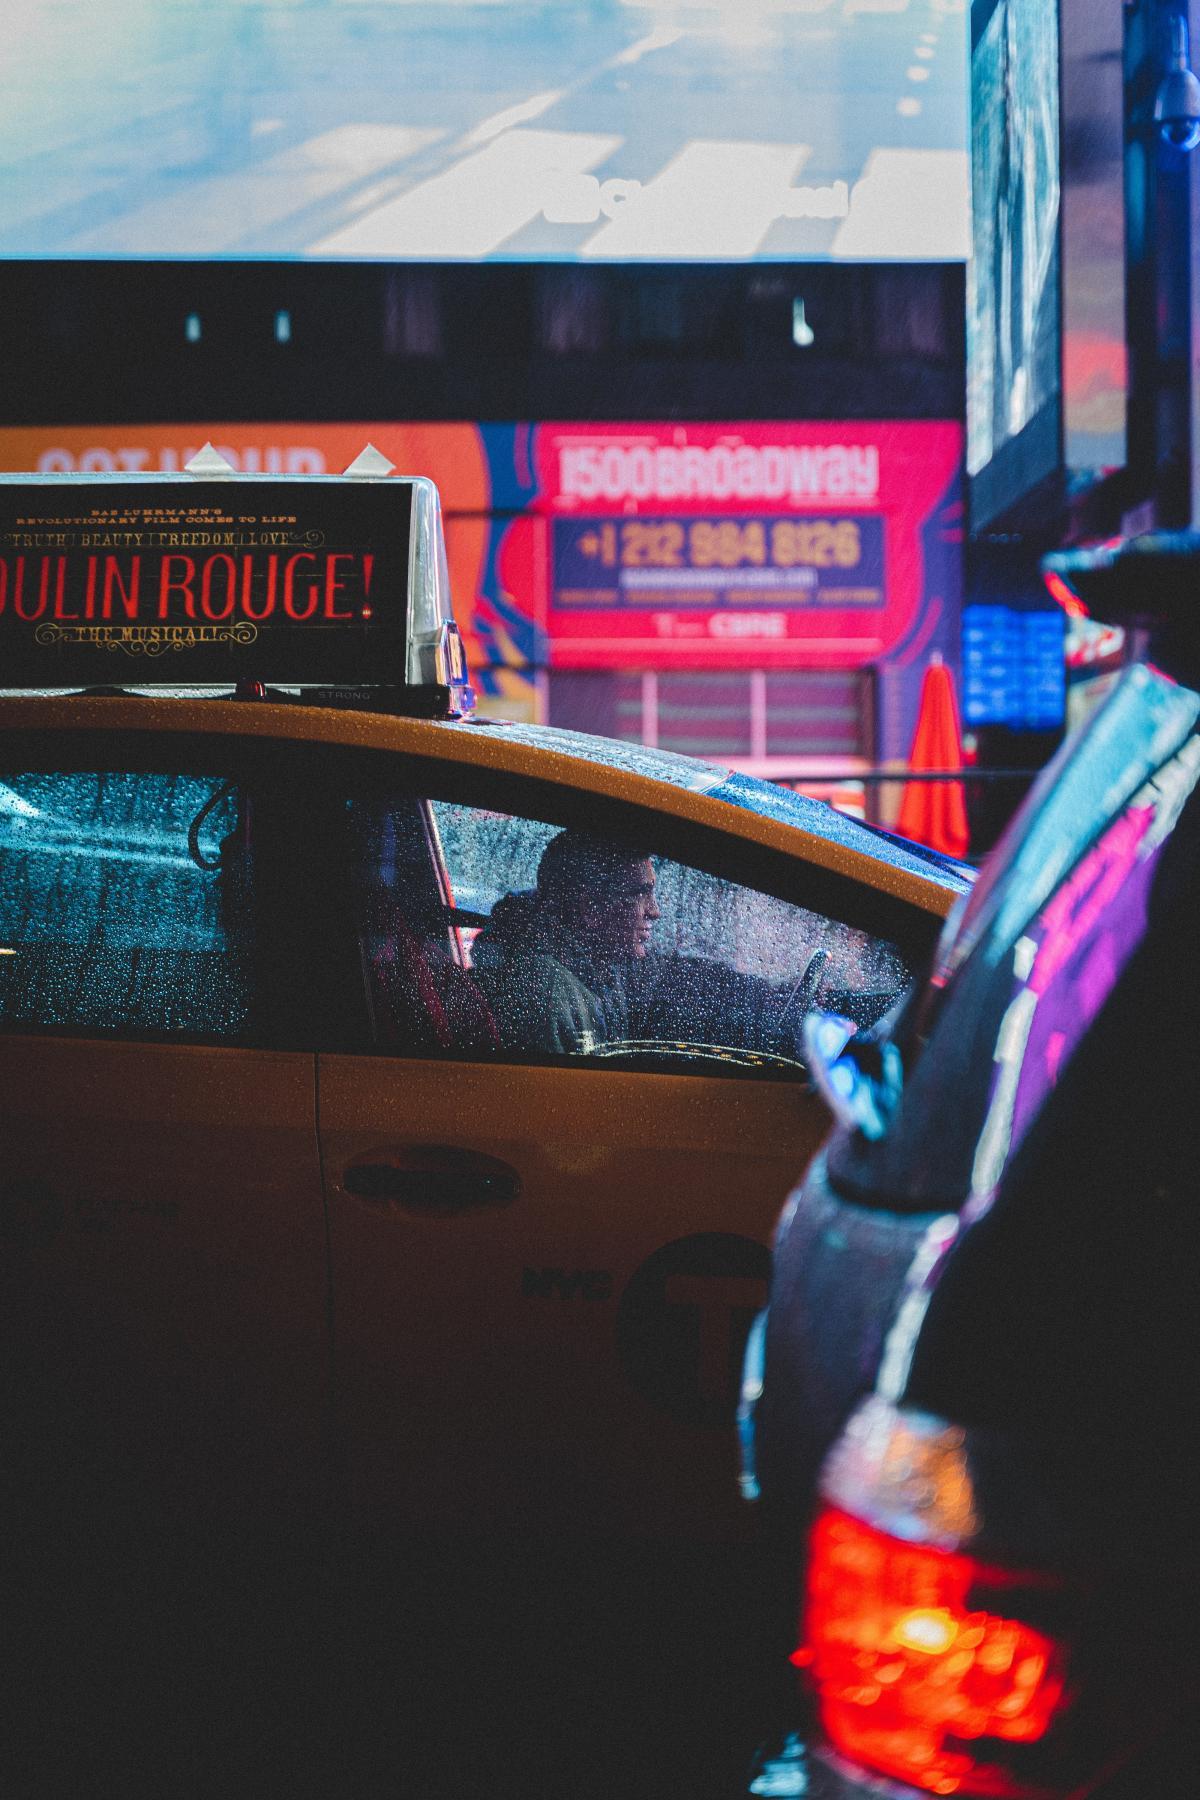 Jukebox Record-player Machine #426297